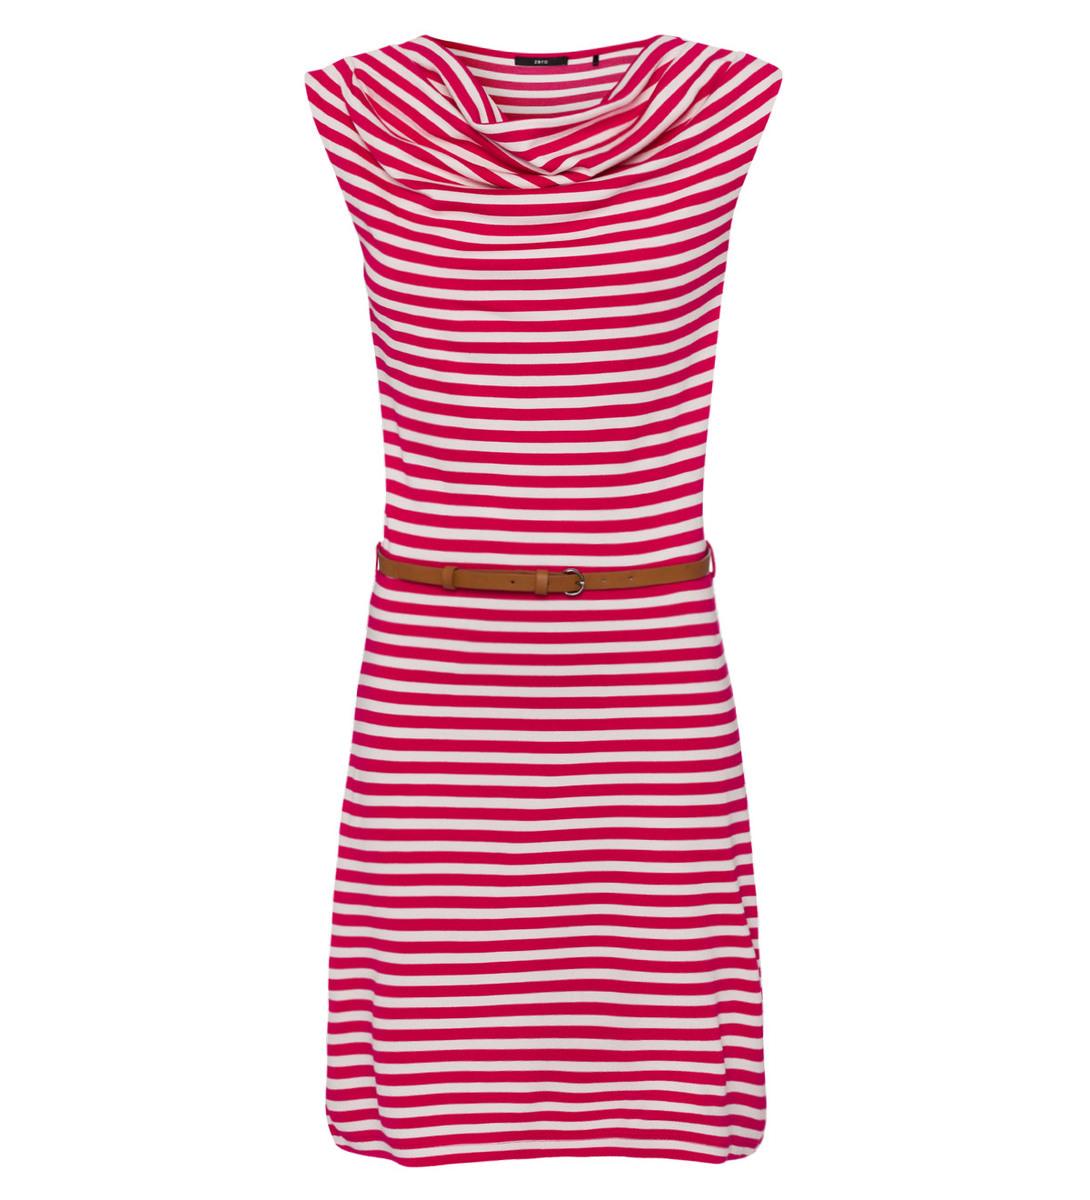 Kleid mit Streifen in bright pink